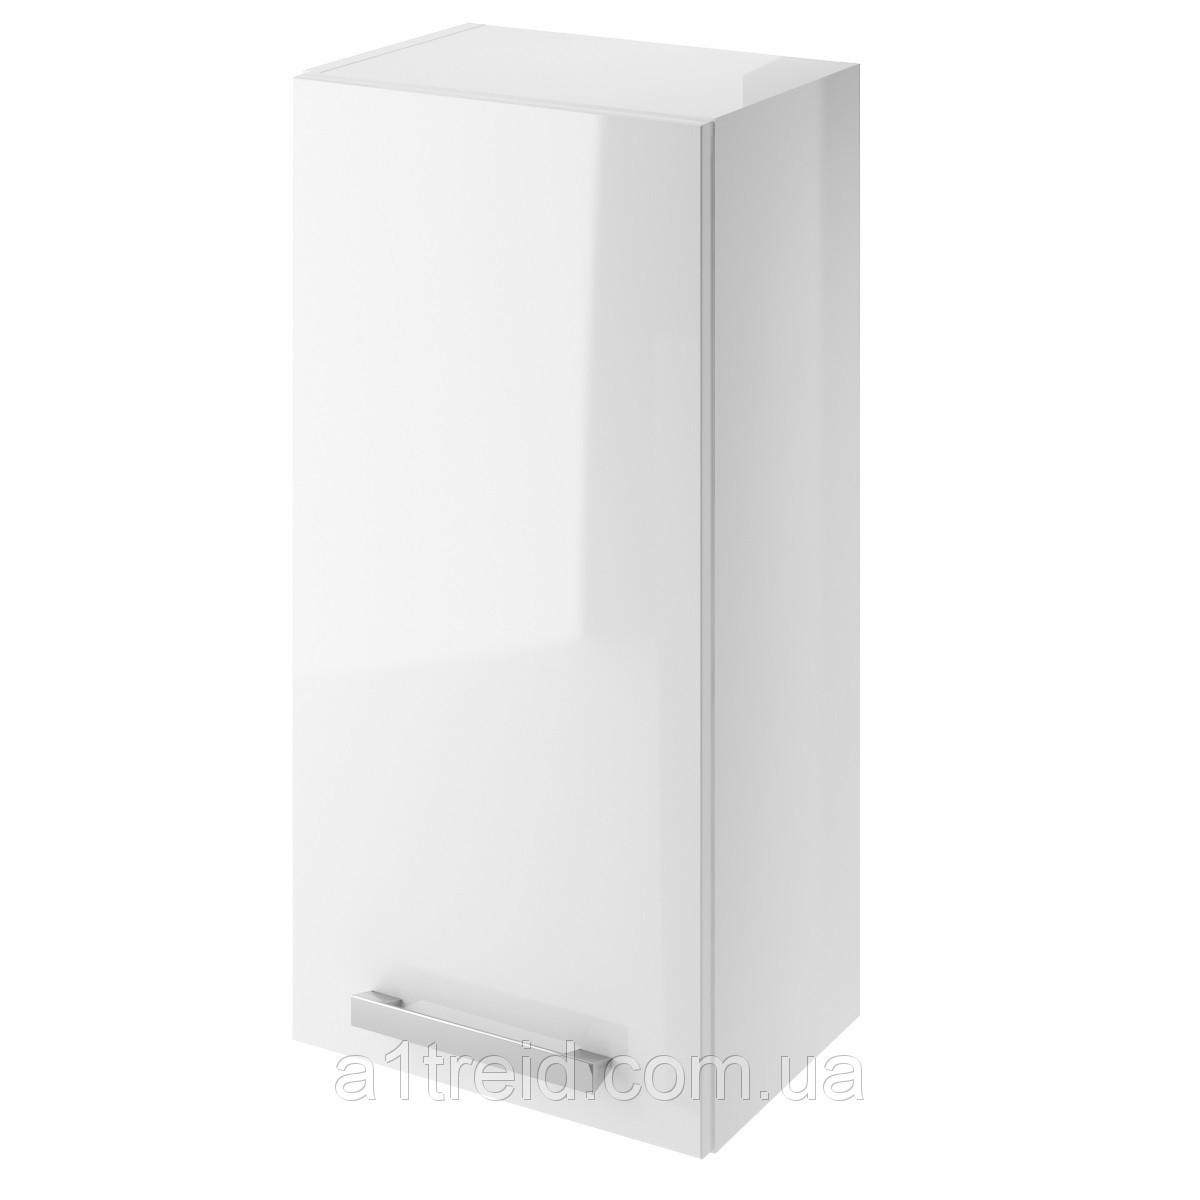 Шкафчик подвесной Melar белый